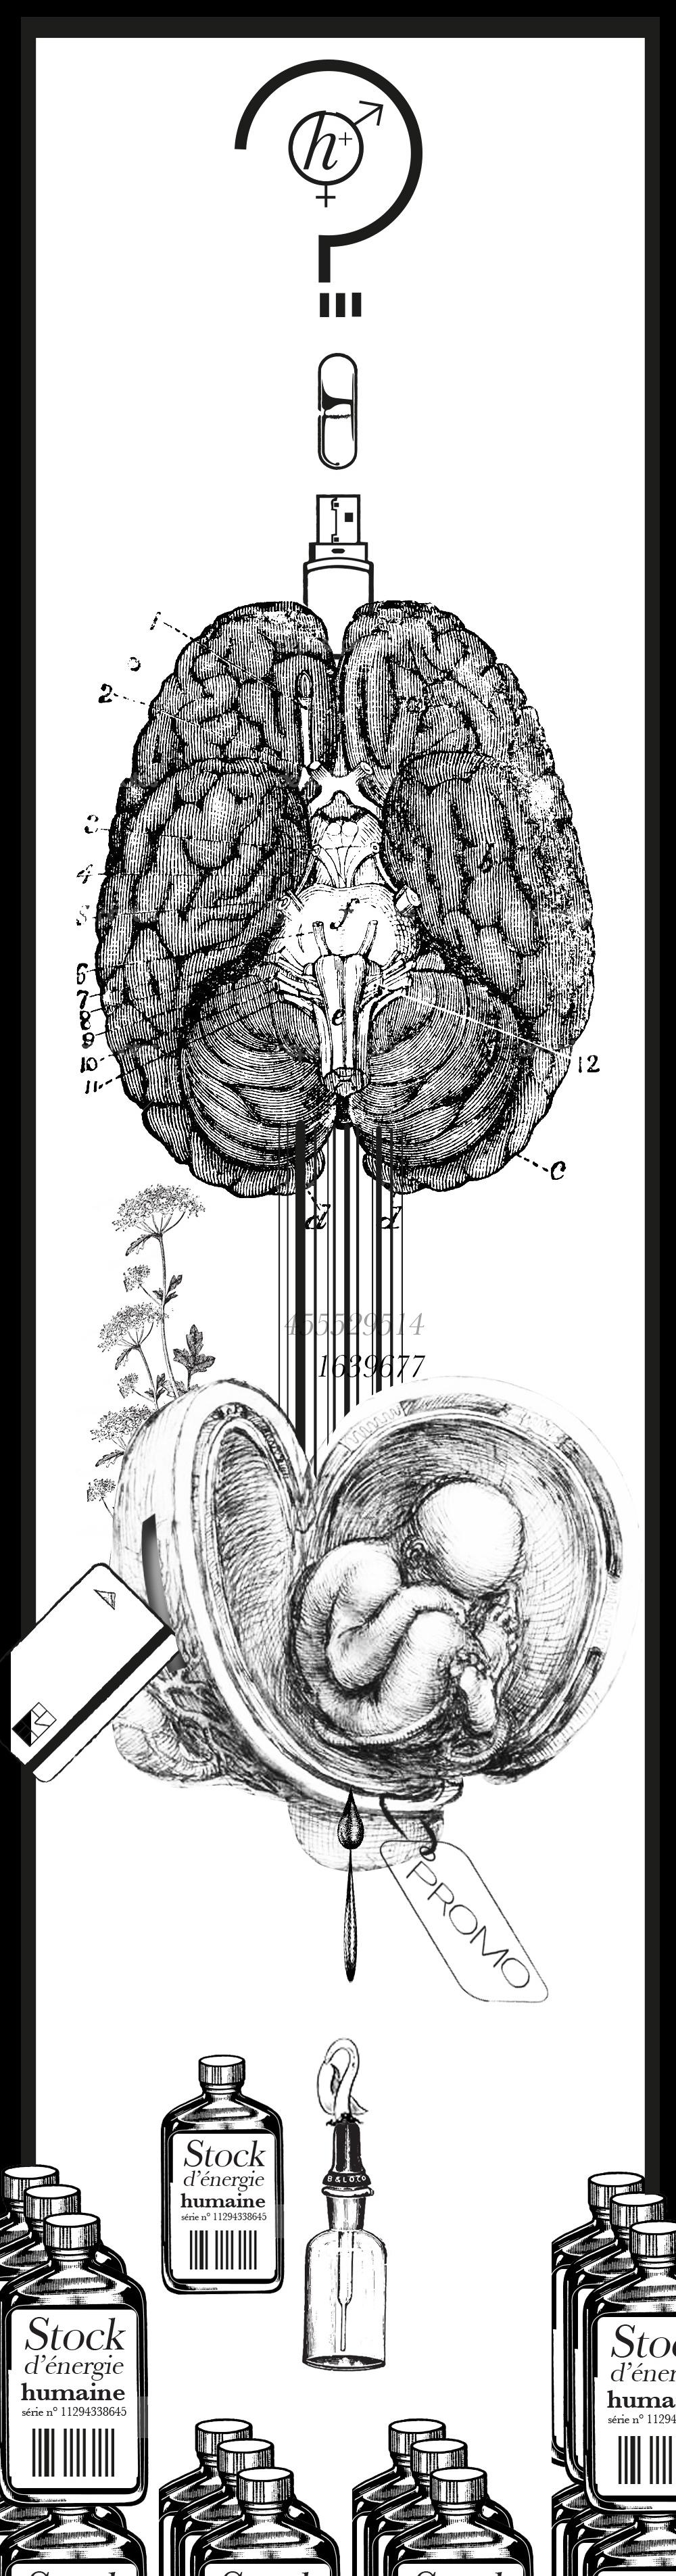 genetique-2frankenstein - Strange froots - la gazetteb - le CORPS GENTIQUE